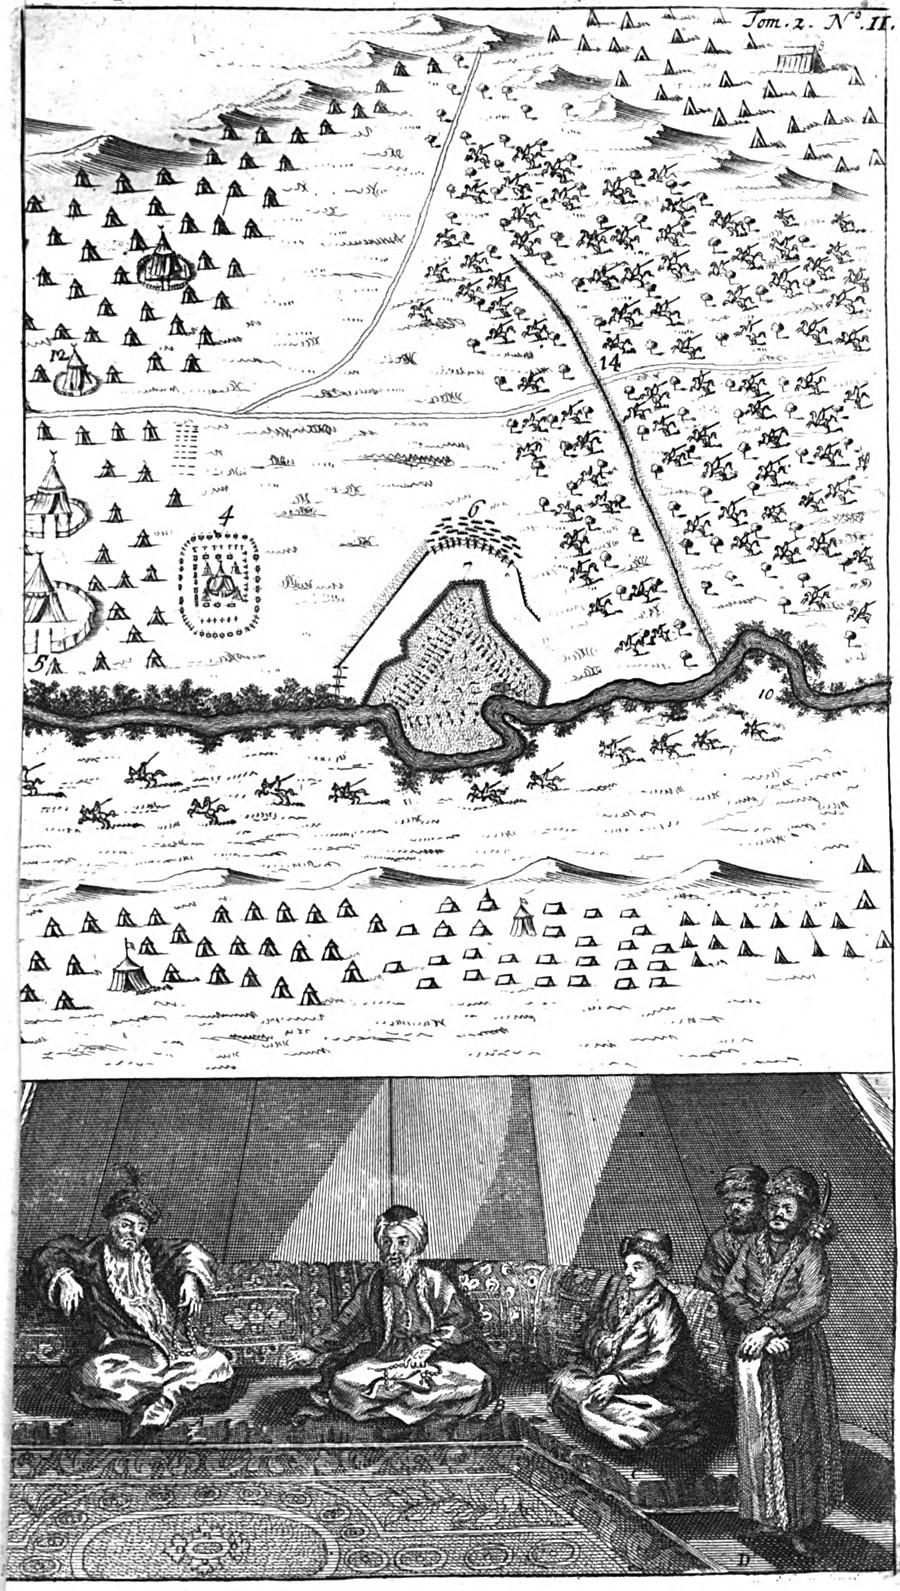 Bataille du Prout par William Hogarth